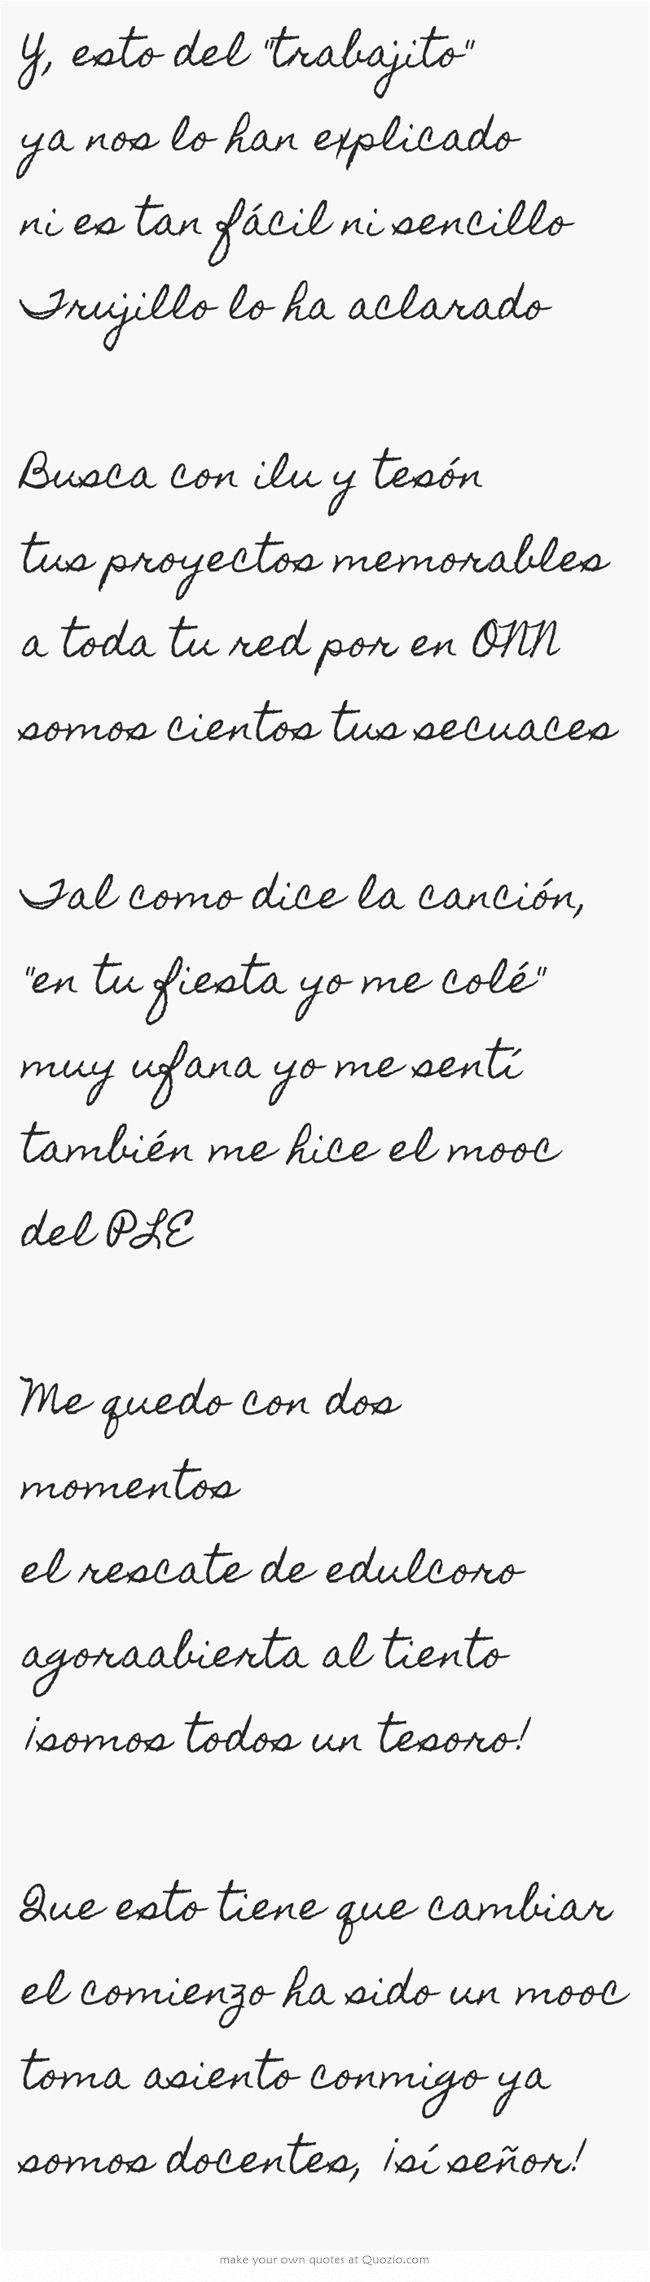 Y, esto del trabajito ya nos lo han explicado ni es tan fácil ni sencillo Trujillo lo ha aclarado Busca con ilu y tesón tus proyectos memorables a toda tu red por en ONN somos cientos tus secuaces Tal como dice la canción, en tu fiesta yo me colé muy ufana yo me sentí también me hice el mooc del PLE Me quedo con dos momentos el rescate de edulcoro agoraabierta al tiento ¡somos todos un tesoro! Que esto tiene que cambiar el comienzo ha sido un mooc toma asiento...